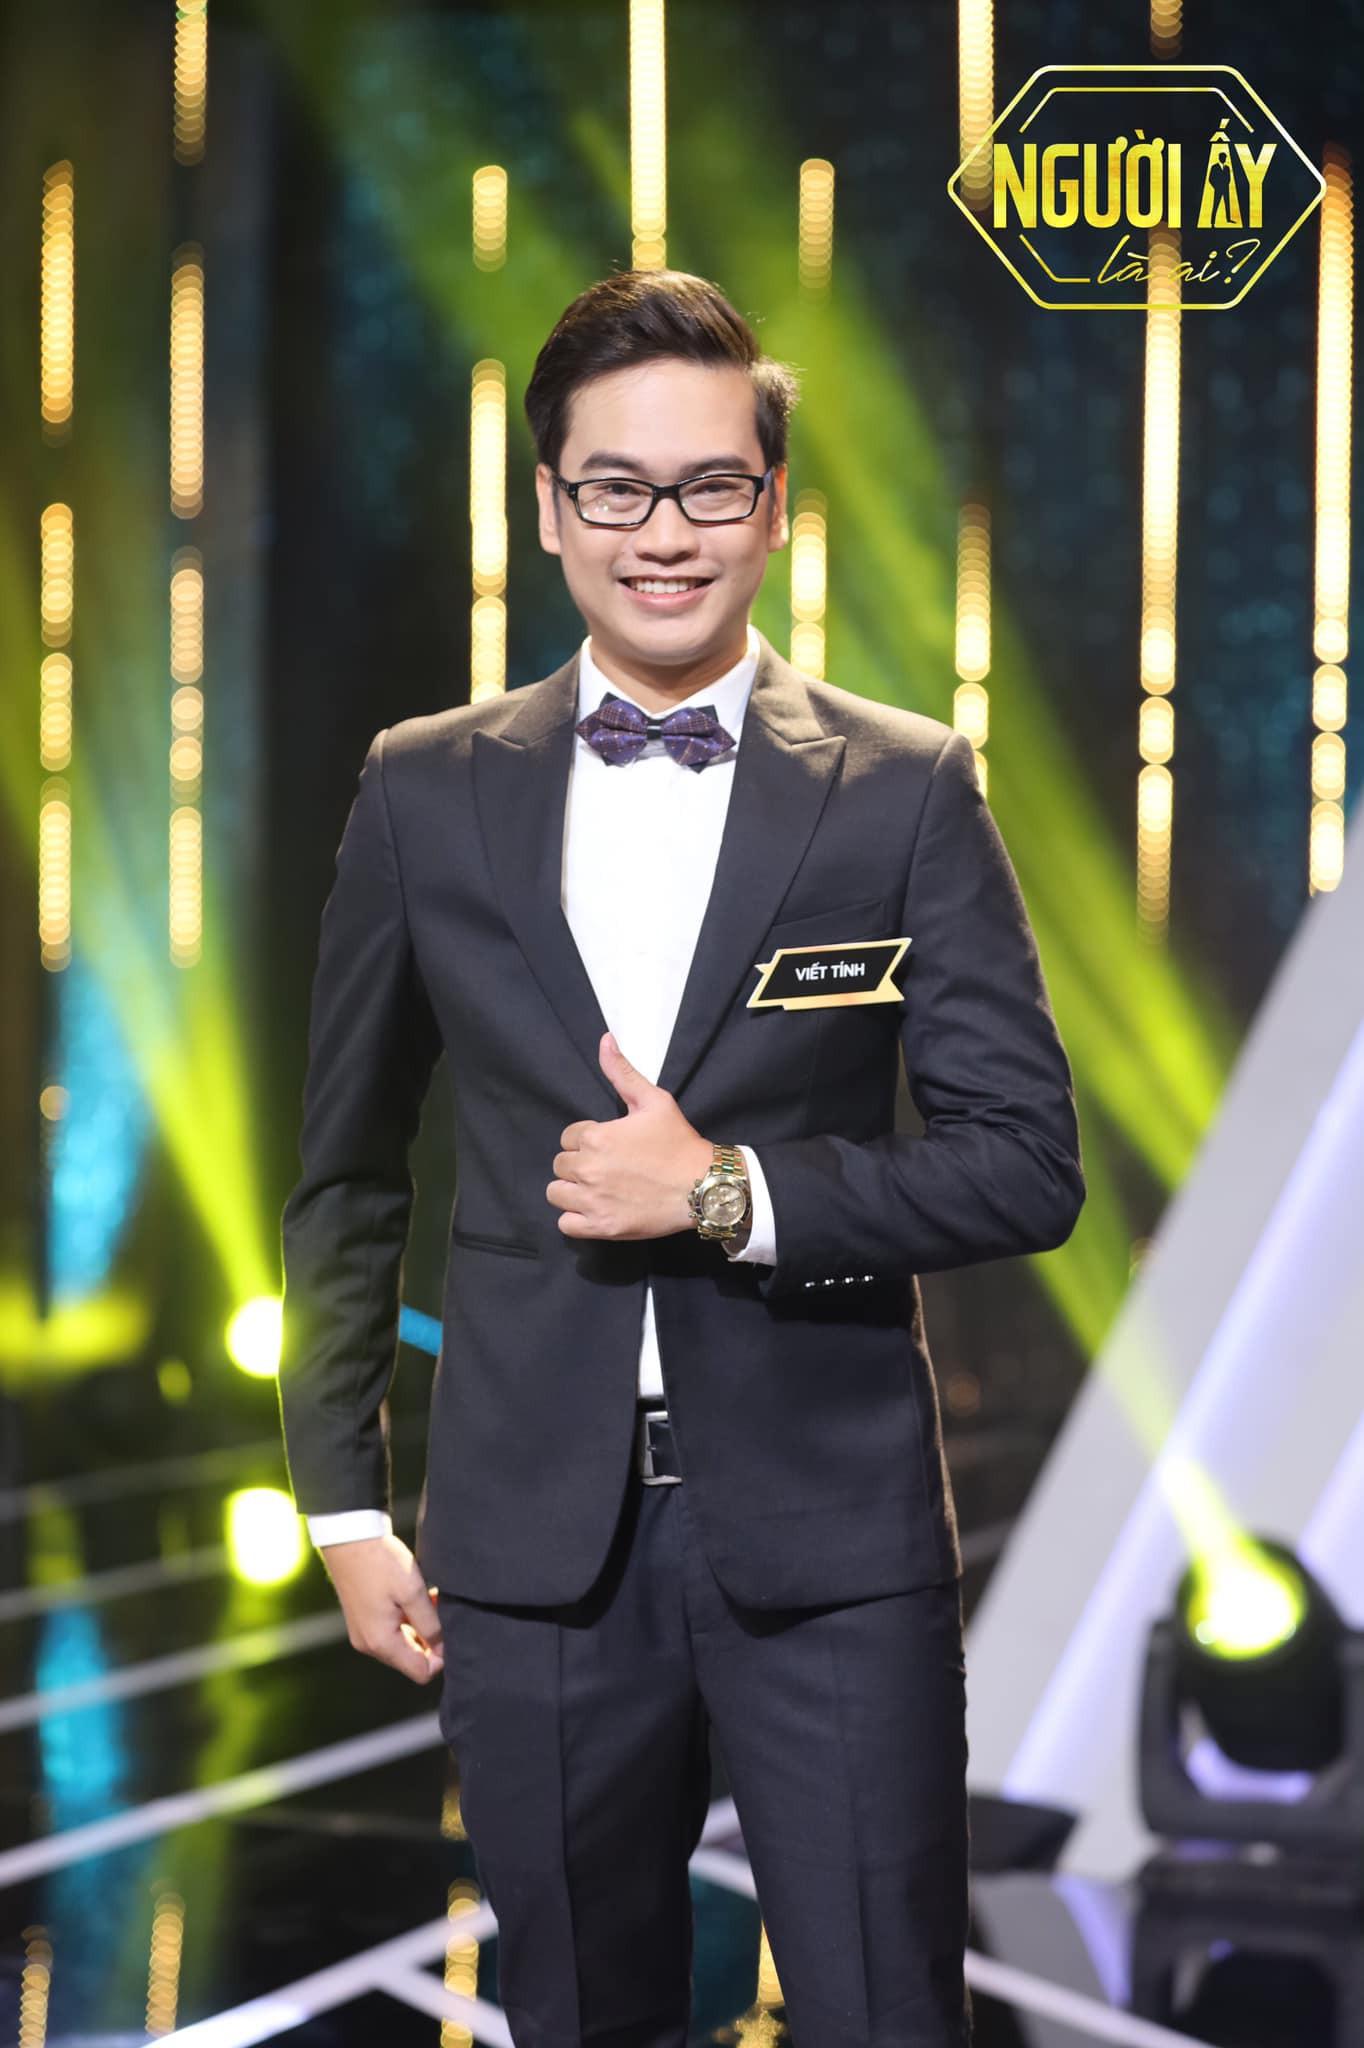 Clip bất ngờ hot lại: Hotboy Phan Viết Tính lộ diện trên sóng NALA, tiết lộ chuyện tình 5 tháng ngọt ngào với vợ 0